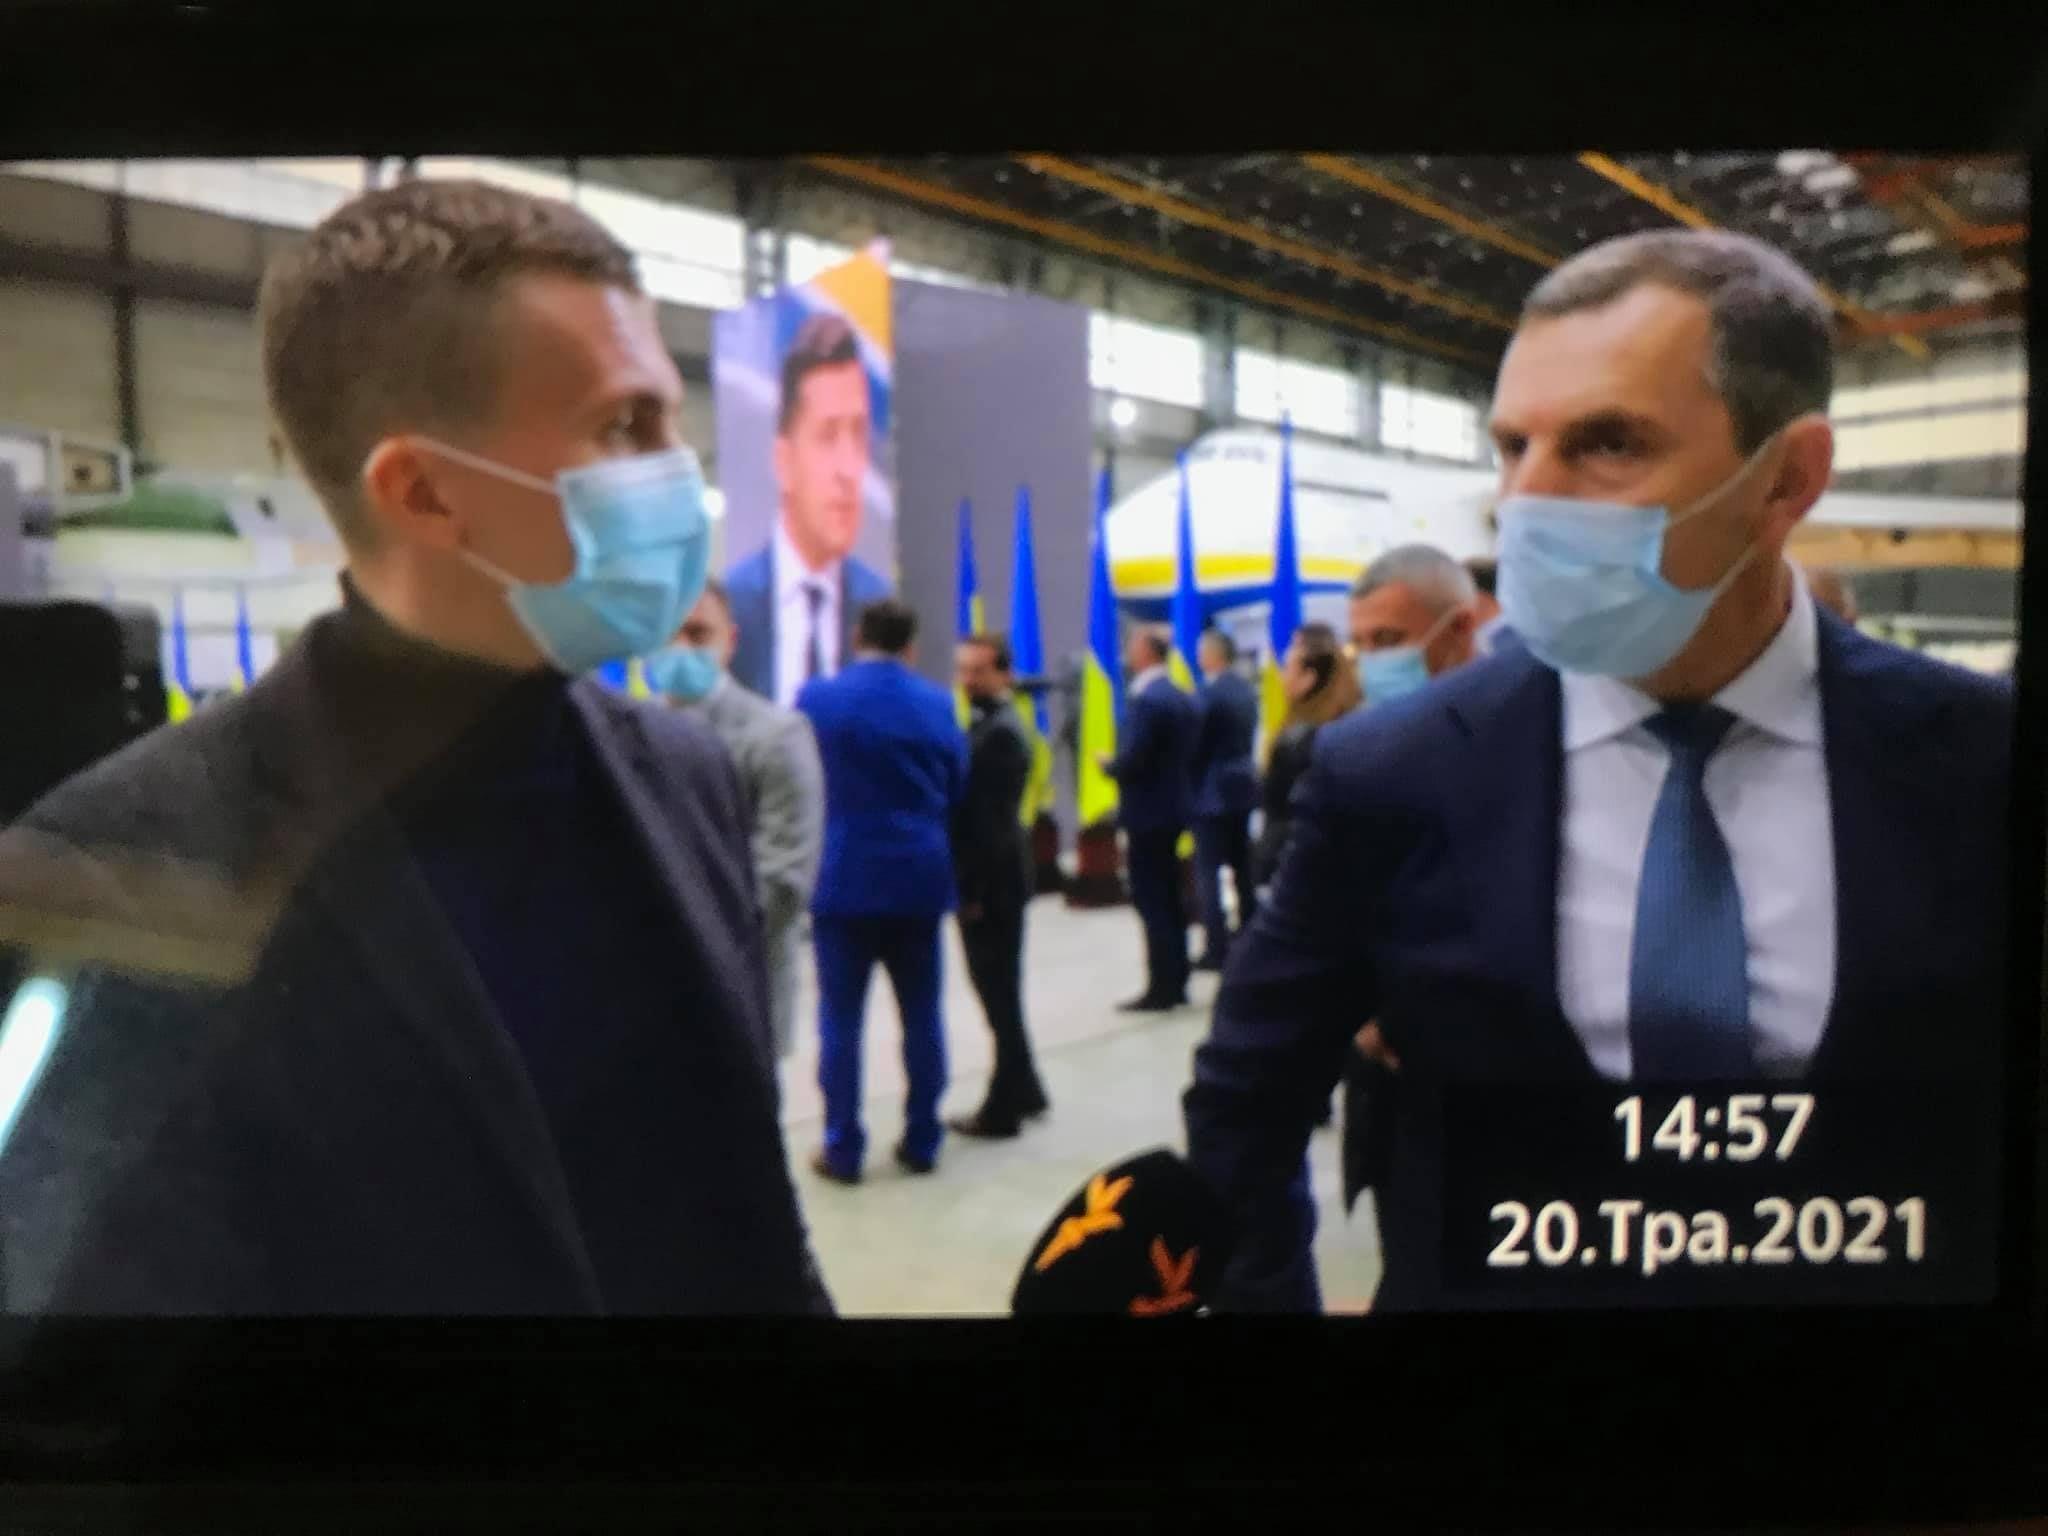 Помічник президента Шефір заборонив «Схемам» знімати його на відео. Сказав, що він непублічна особа